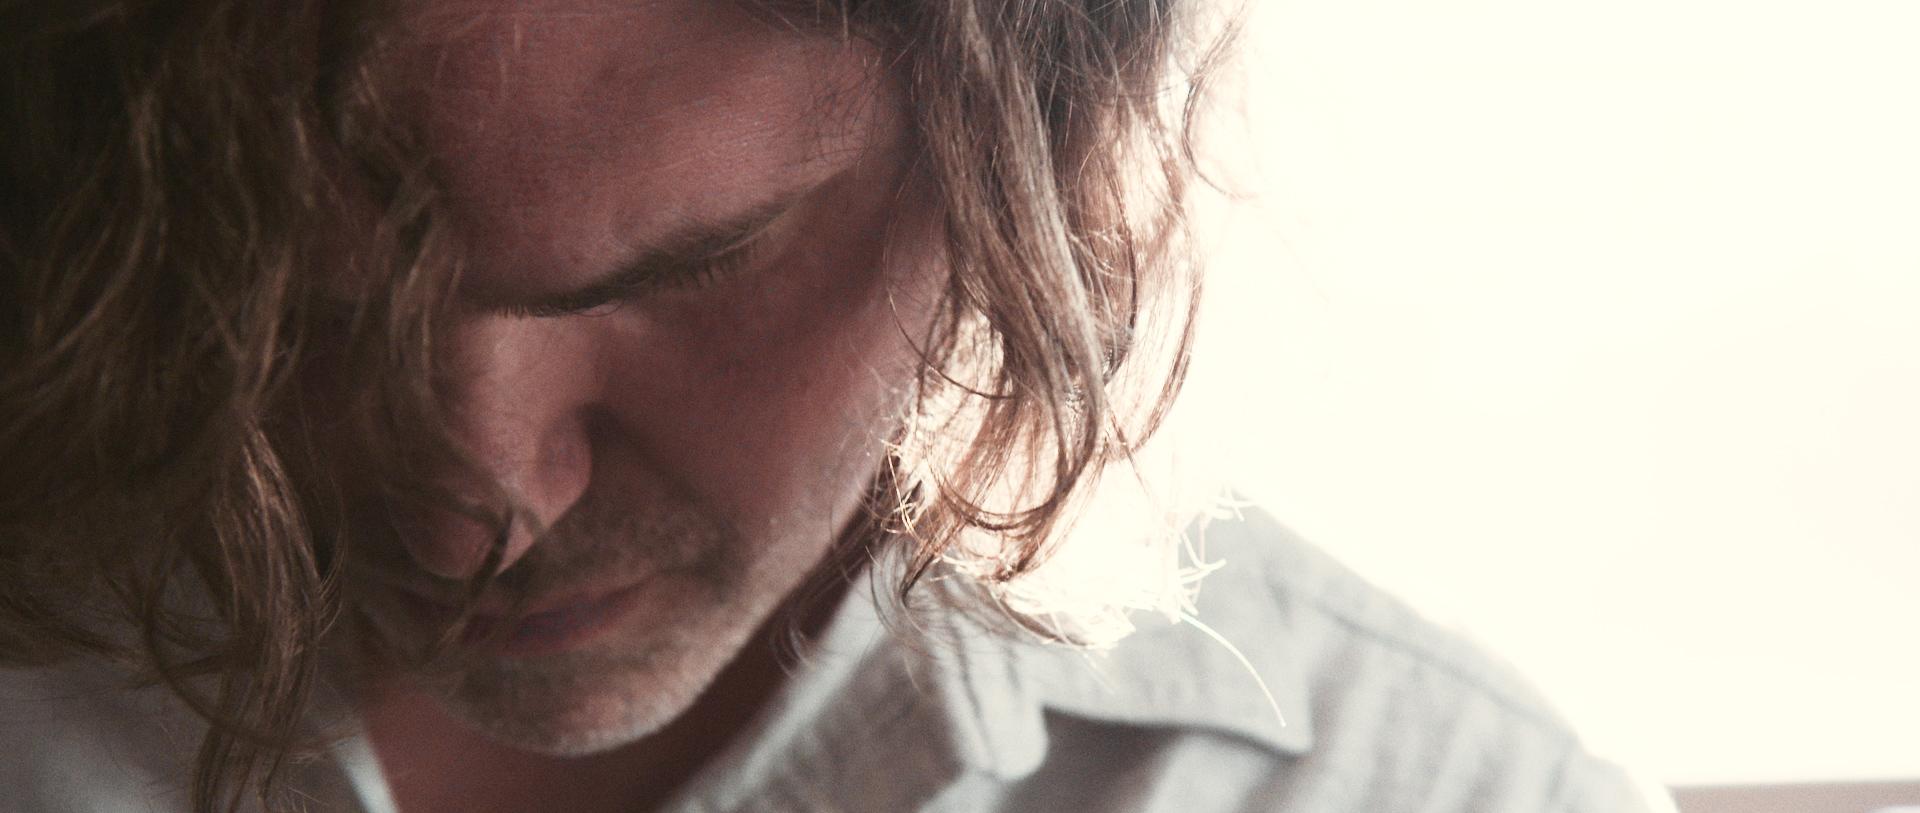 Jasper Steverlynck - Music portrait